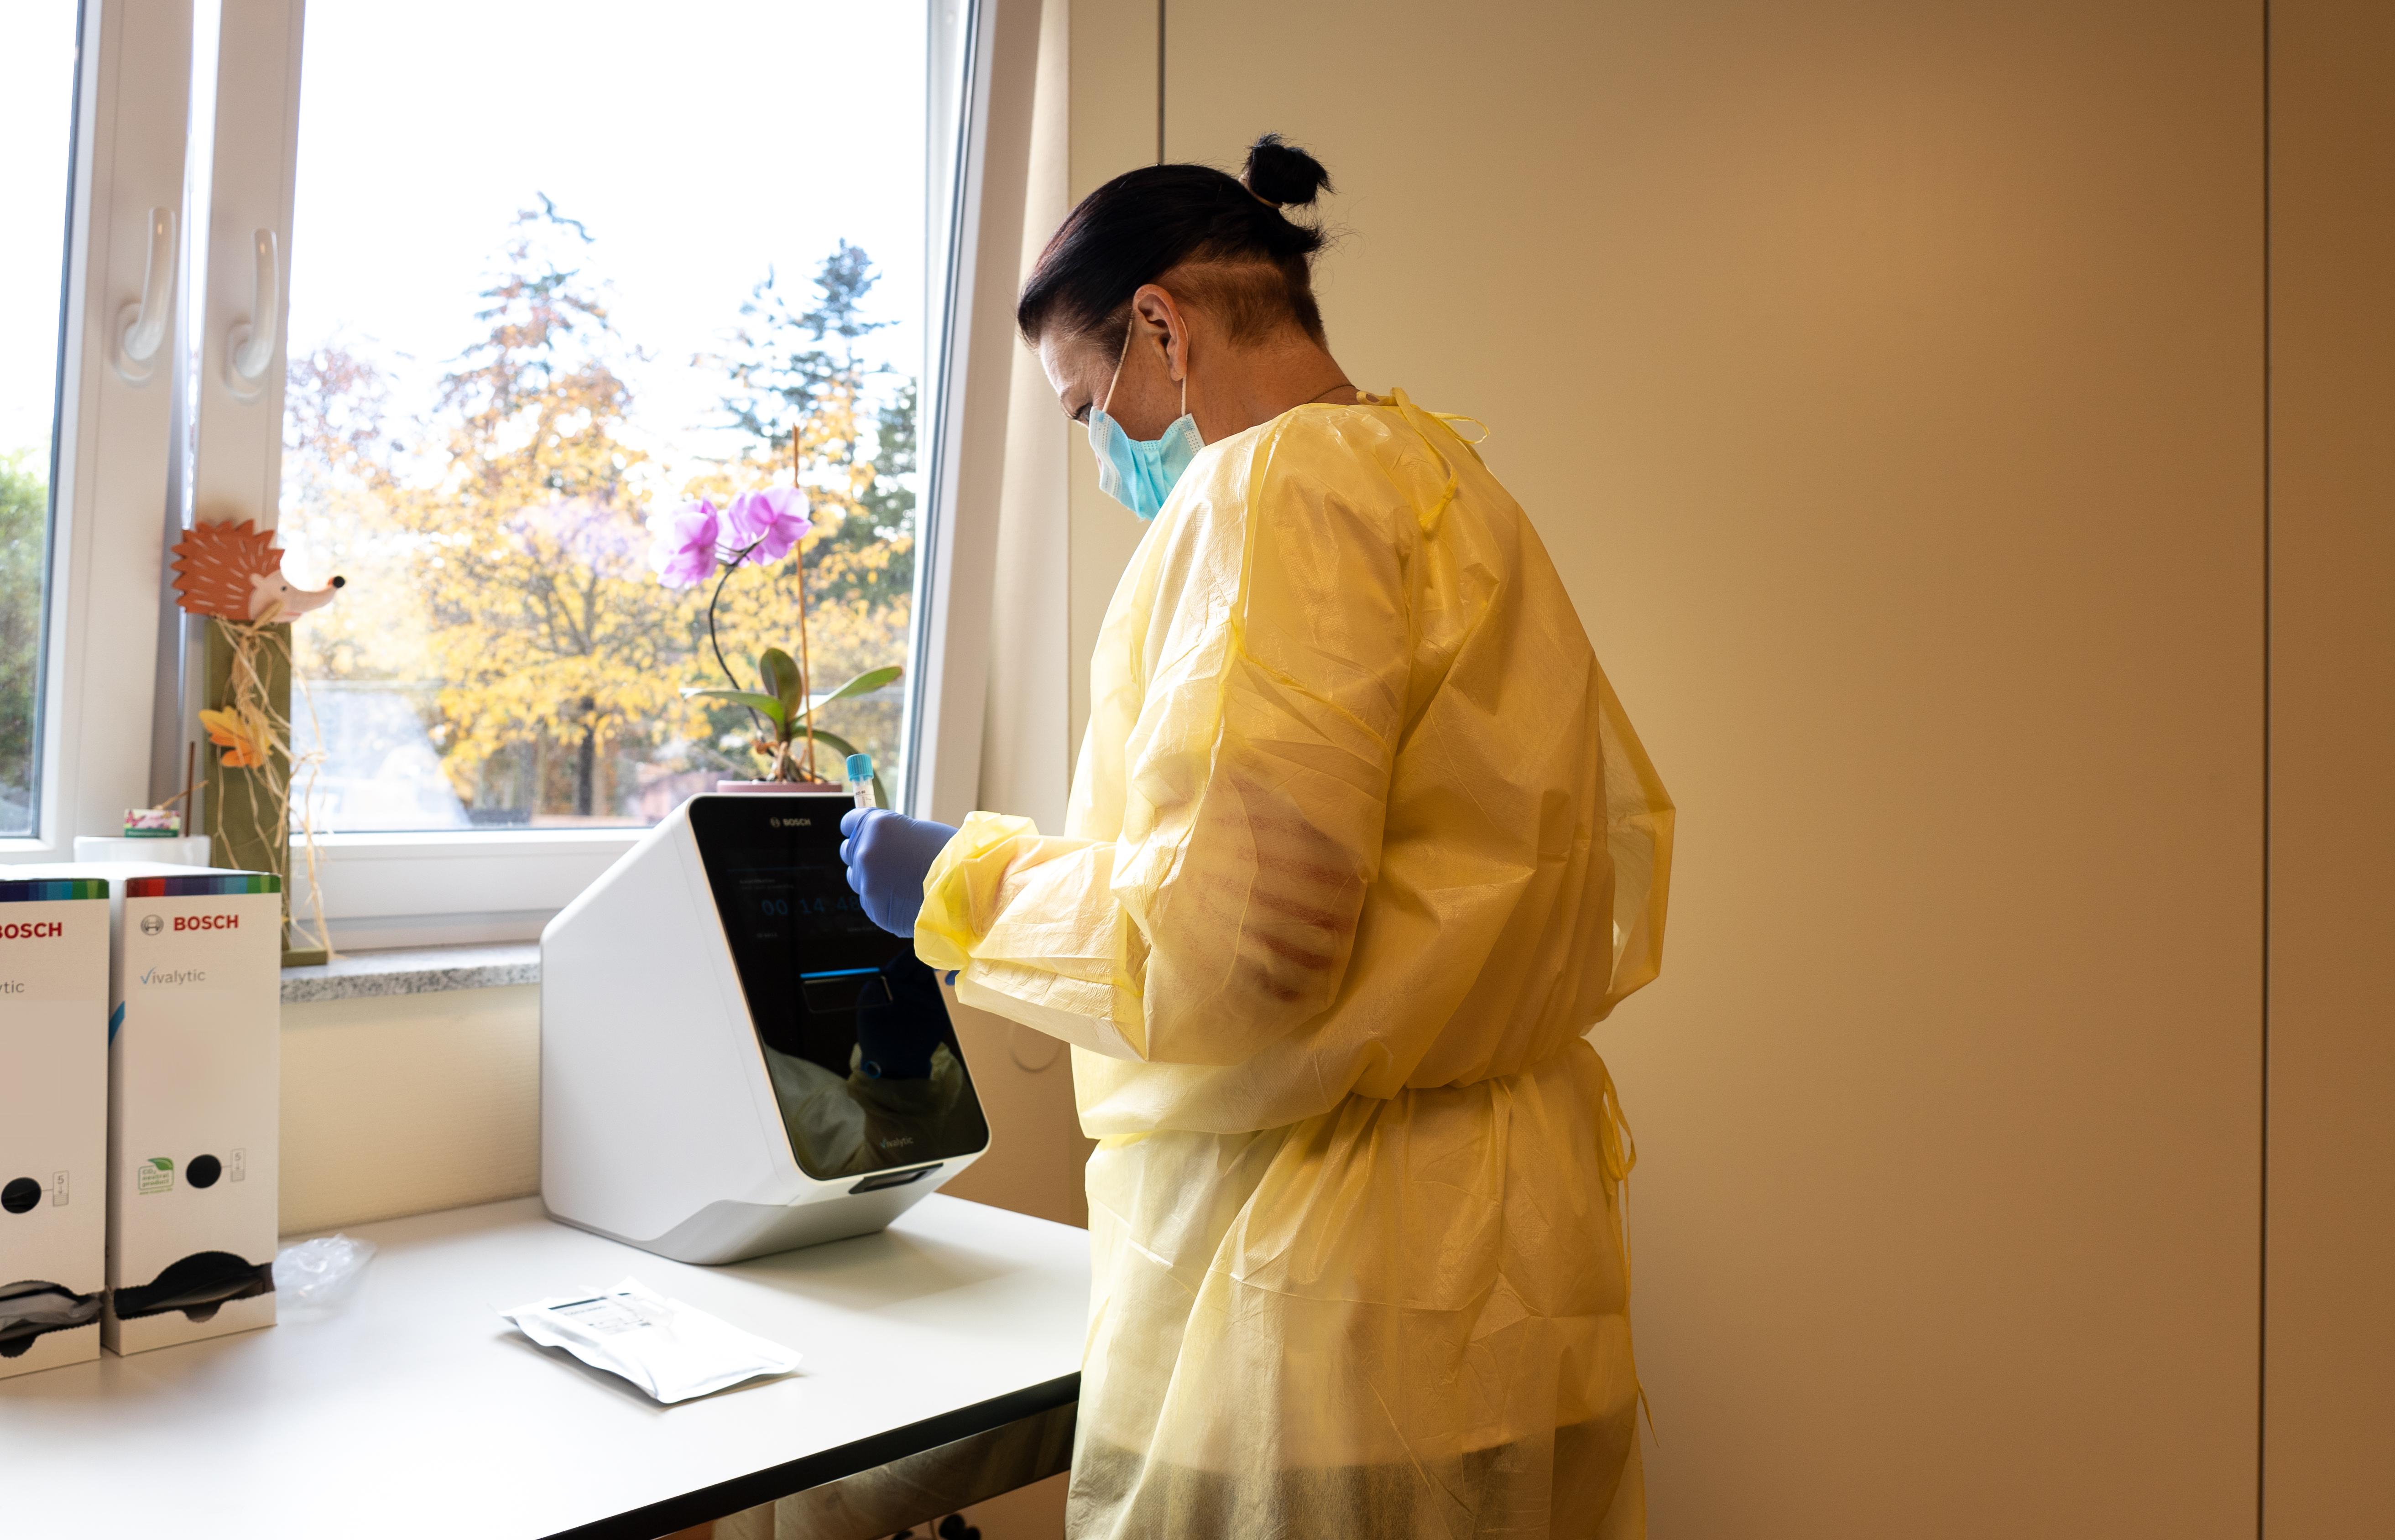 Vyhodnocení vzorku s Bosch Vivalytic v pečovatelském domě